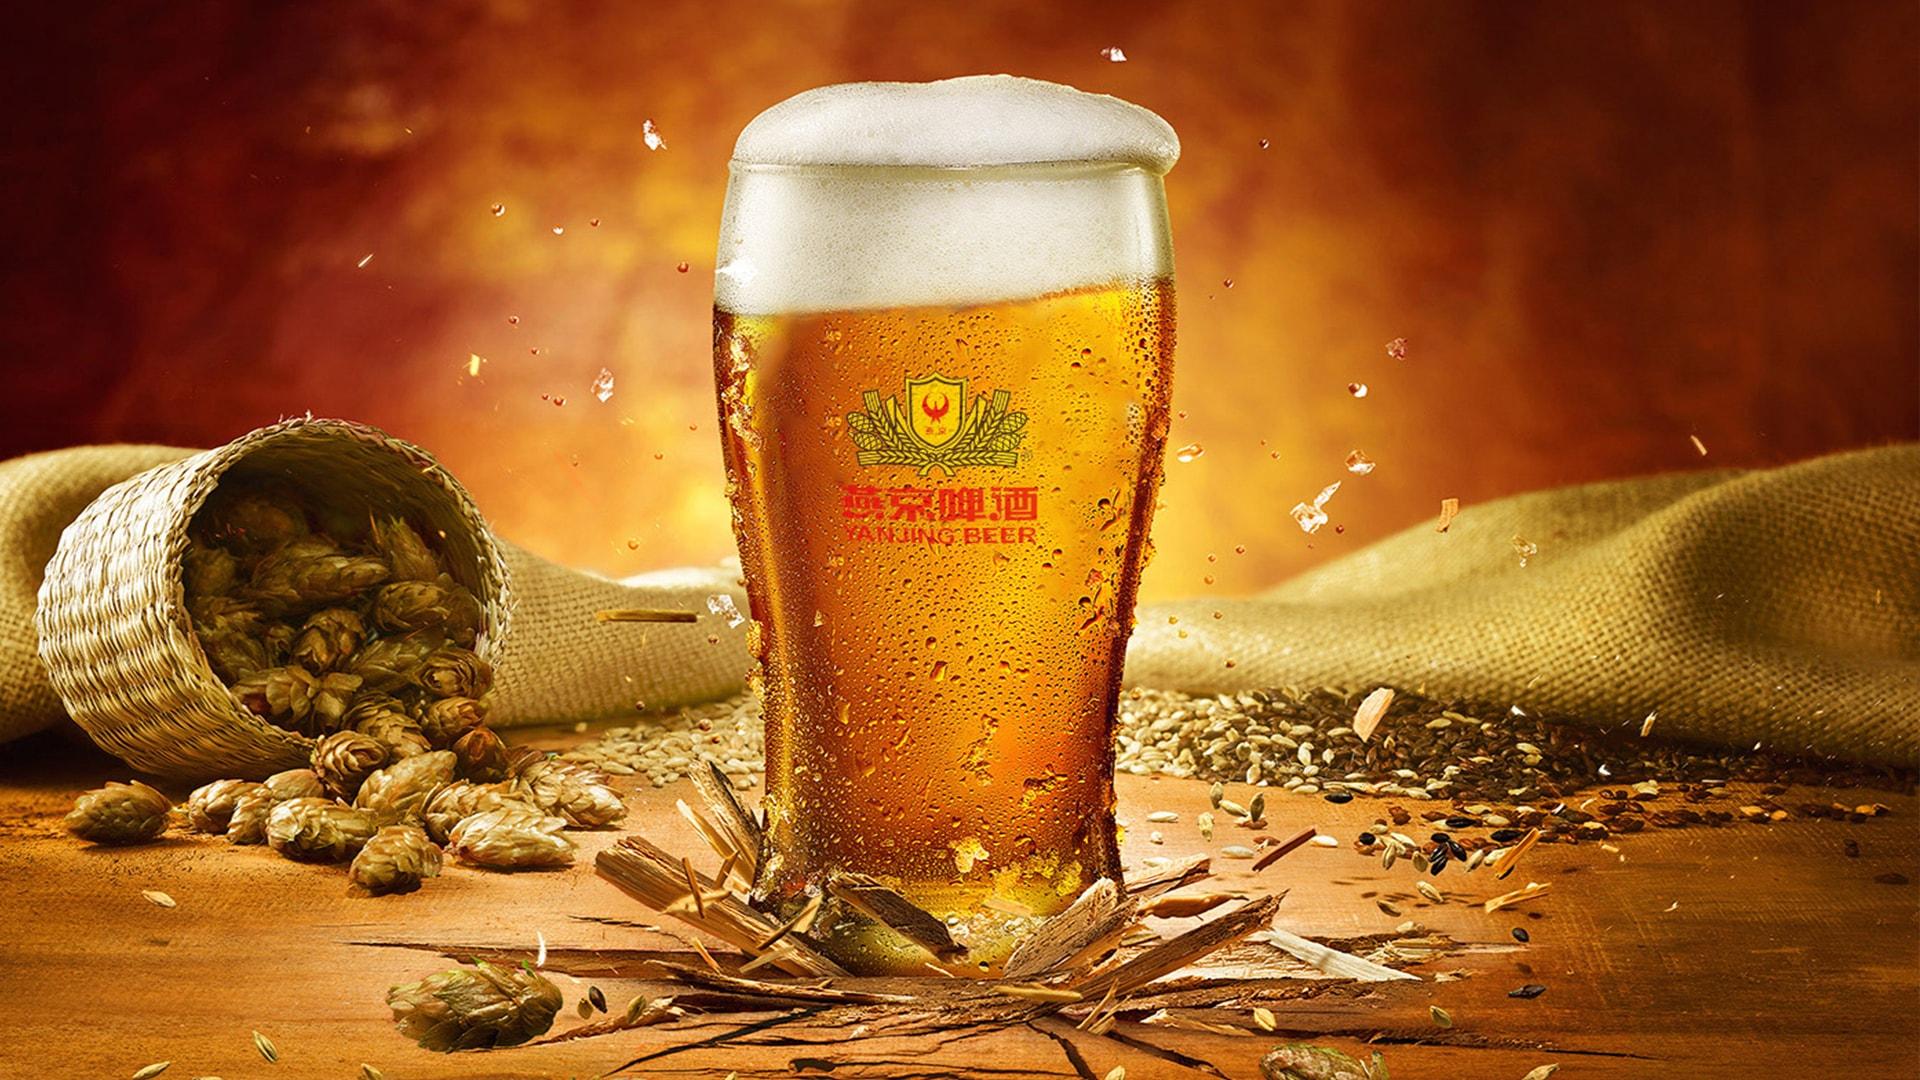 燕京啤酒新品品牌口号